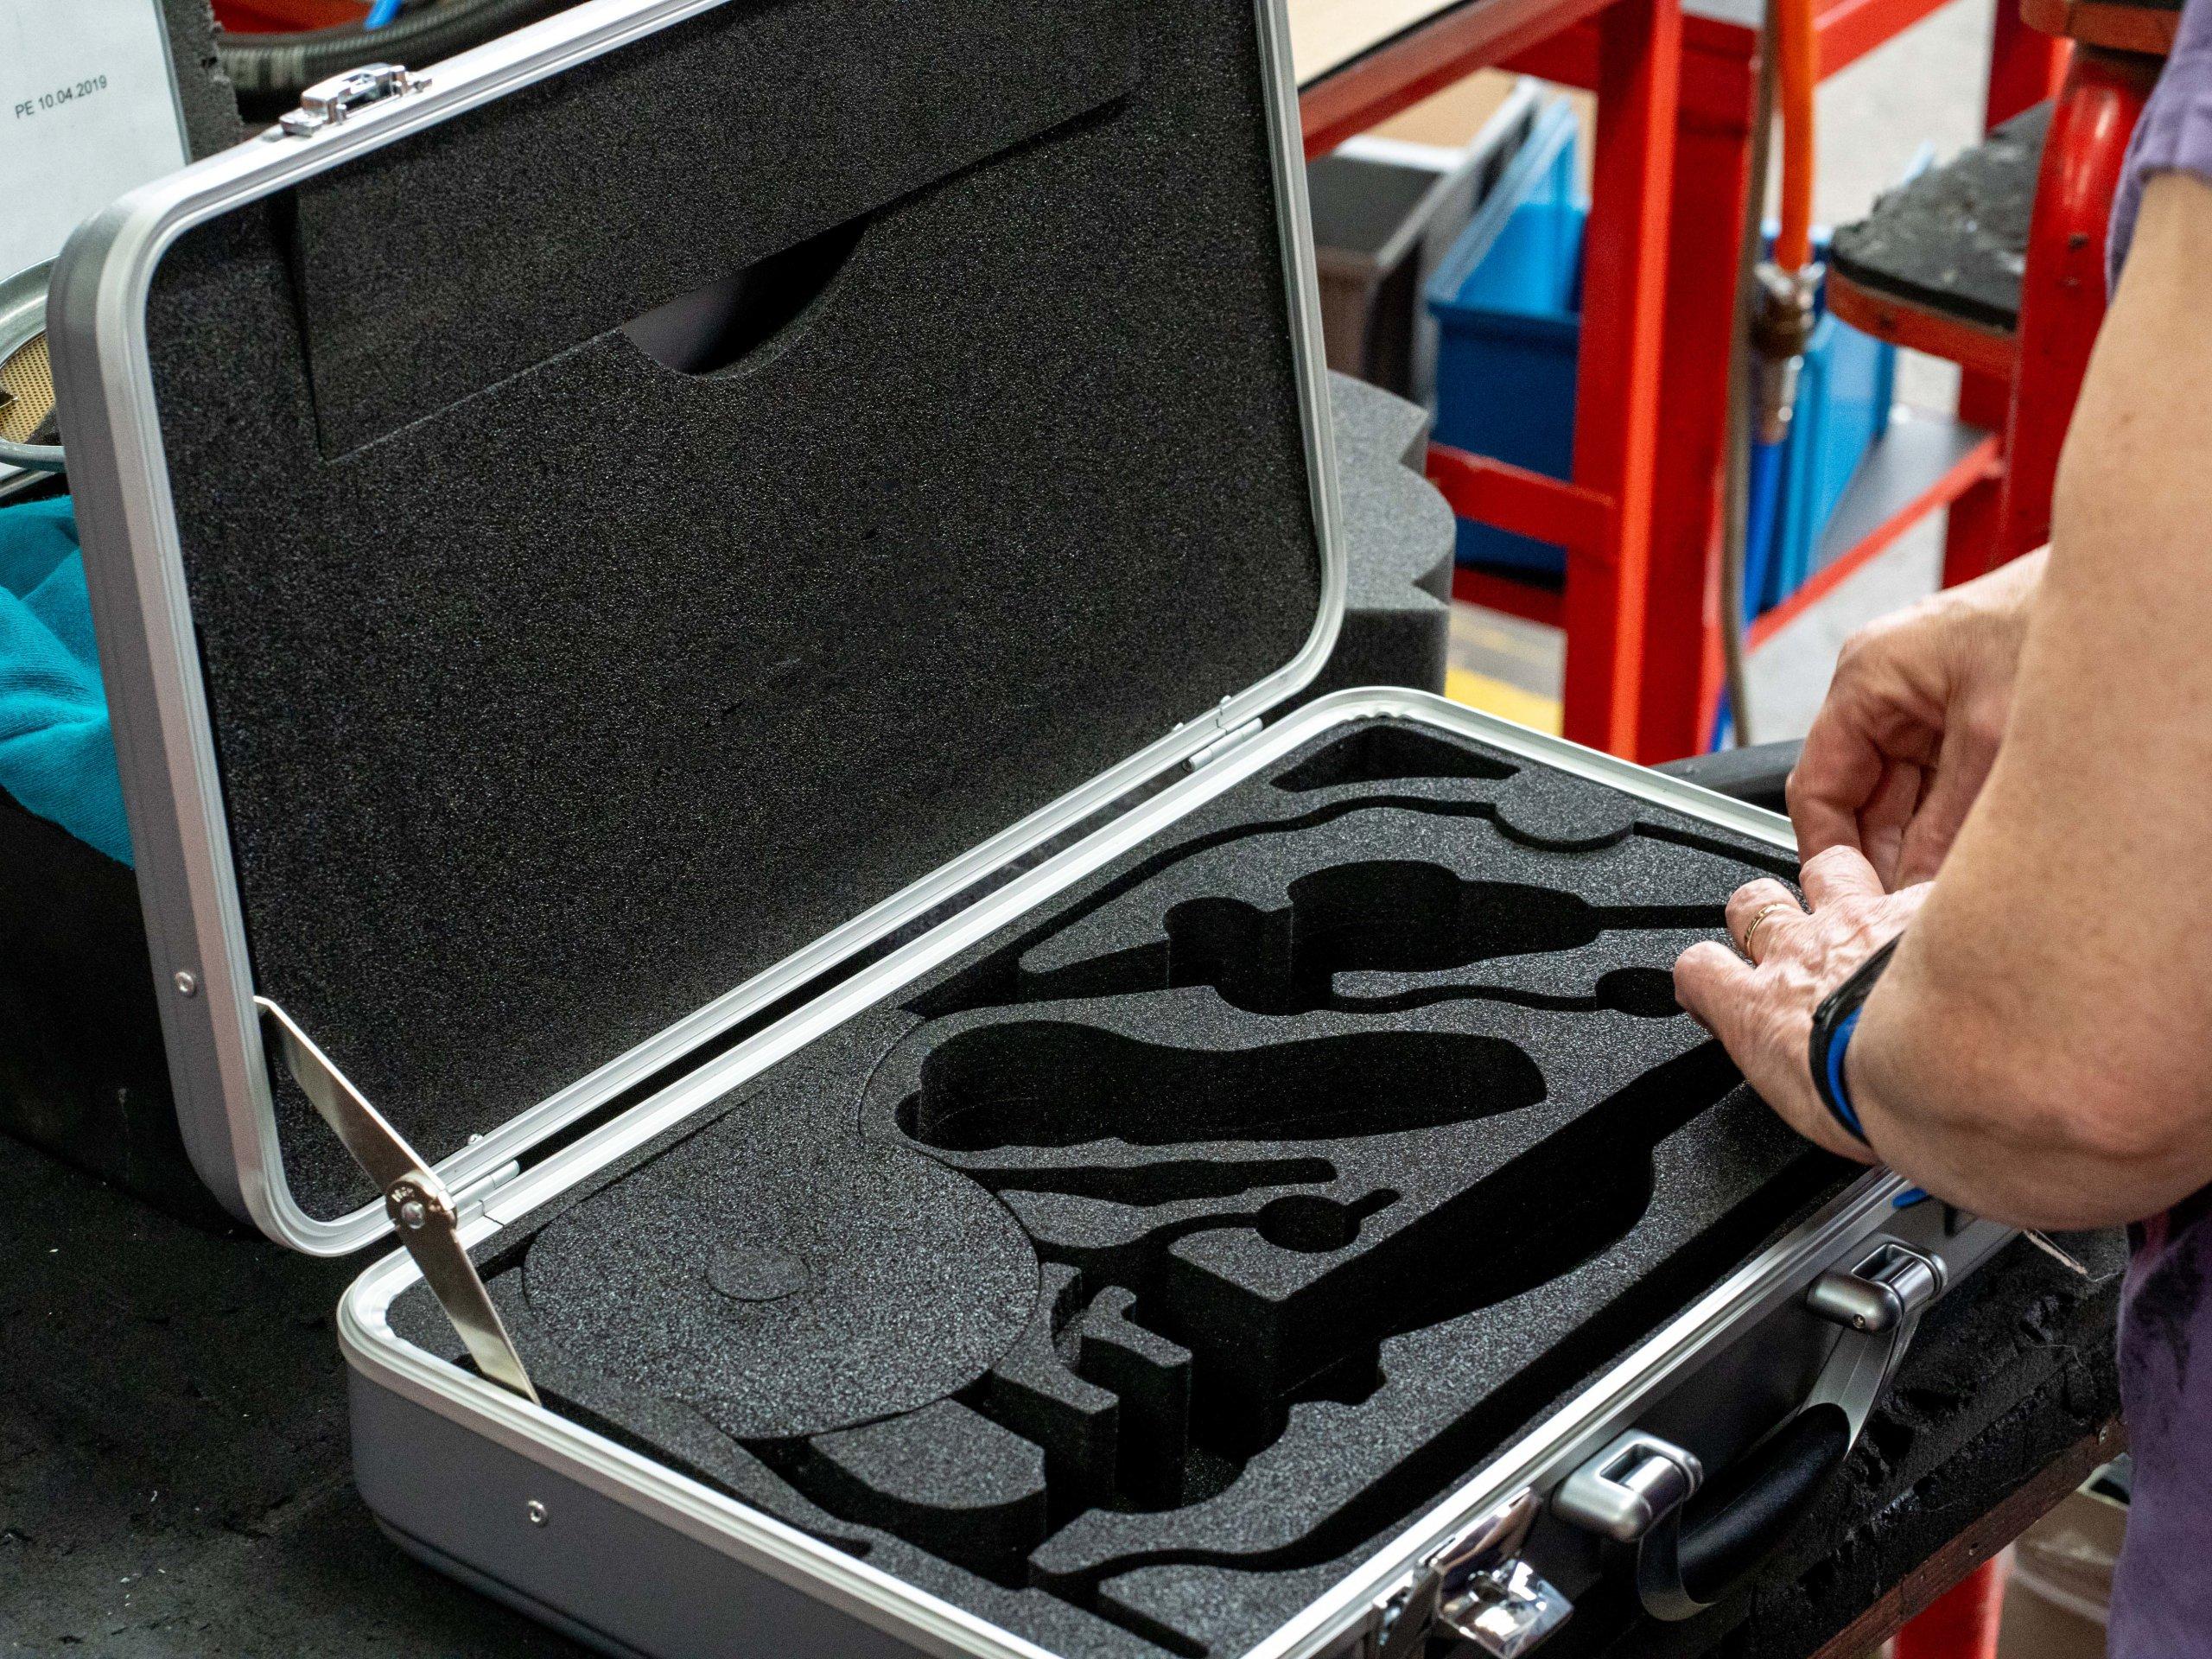 Koffergröße nach Wunsch